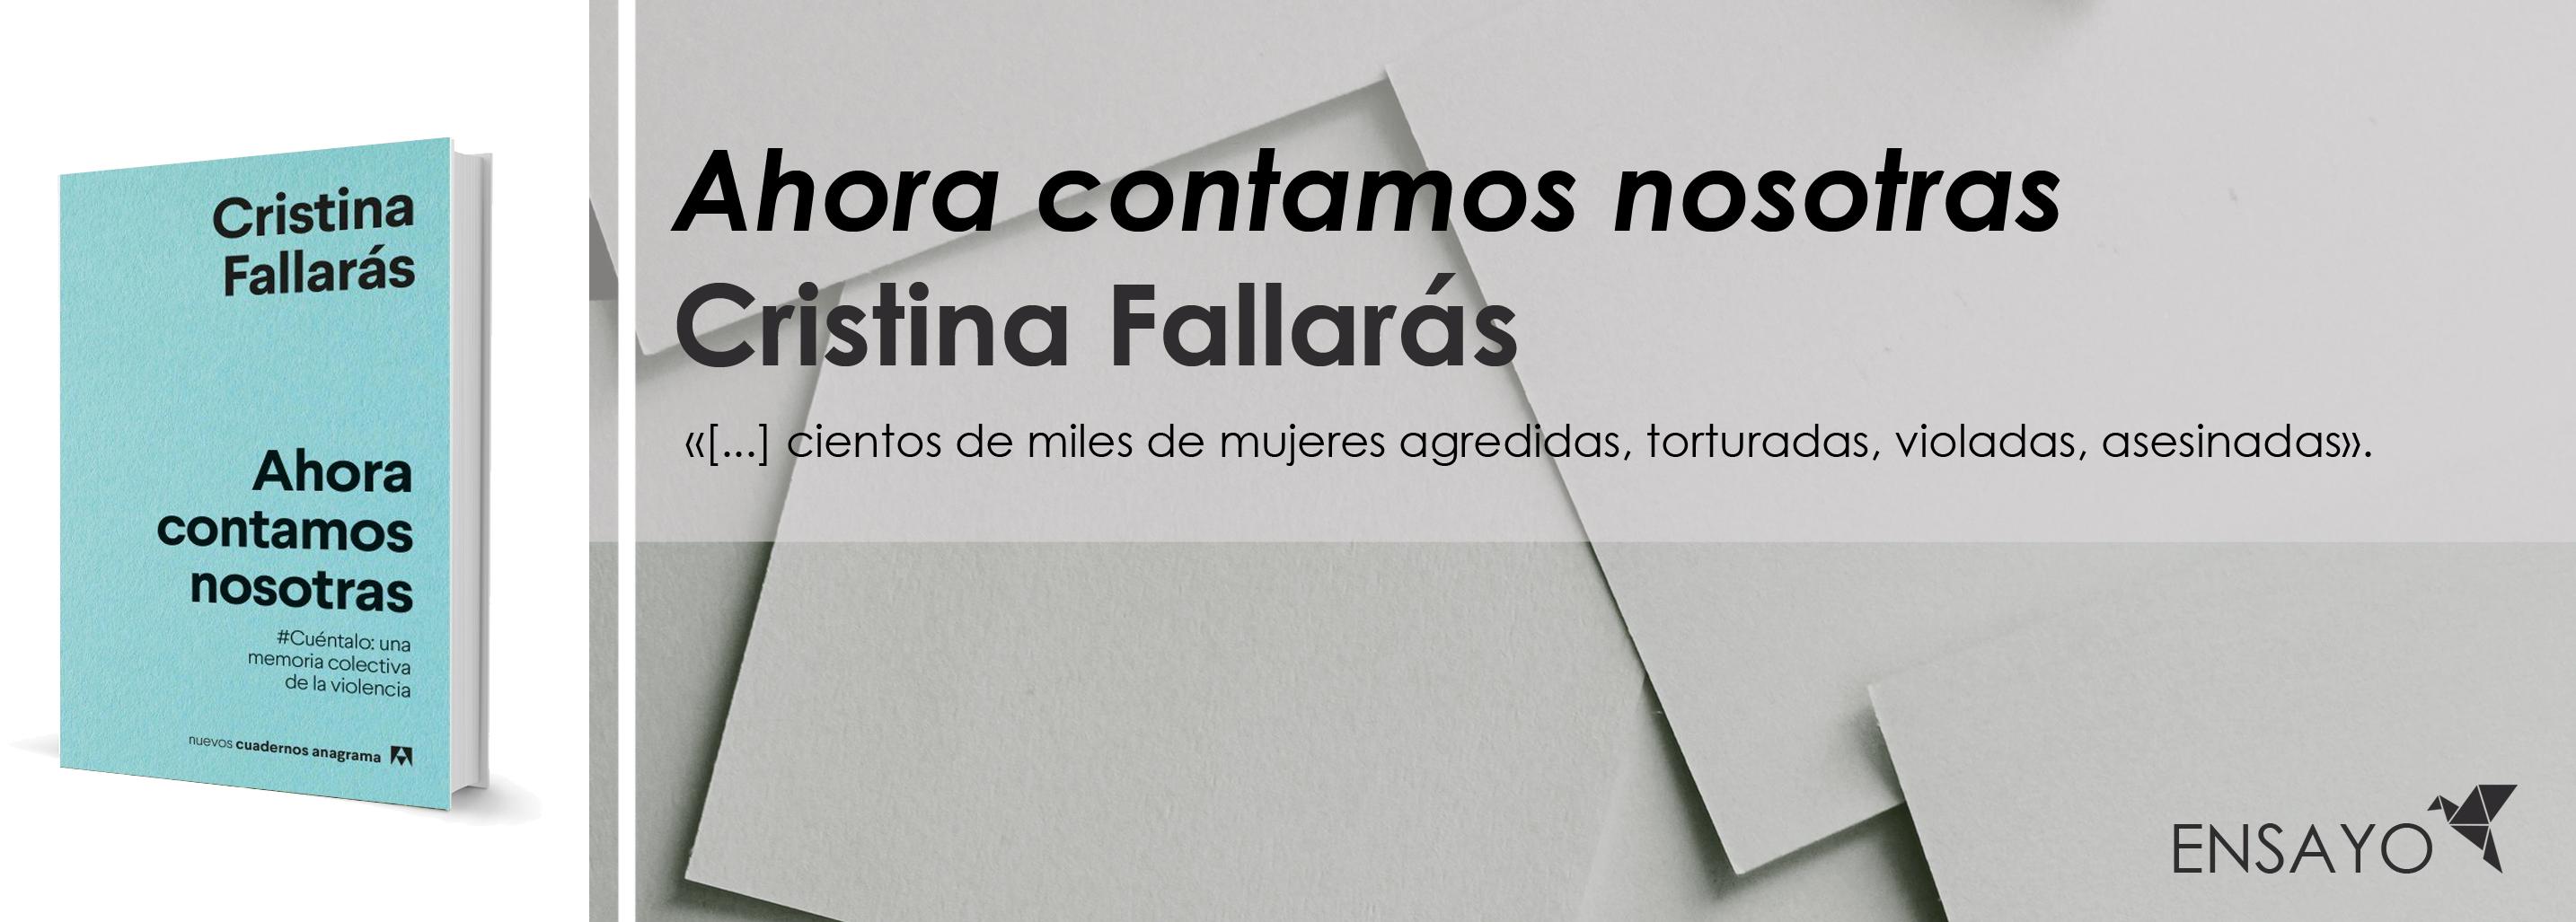 #LeoAutorasOct|Ahora contamos nosotras, de Cristina Fallarás